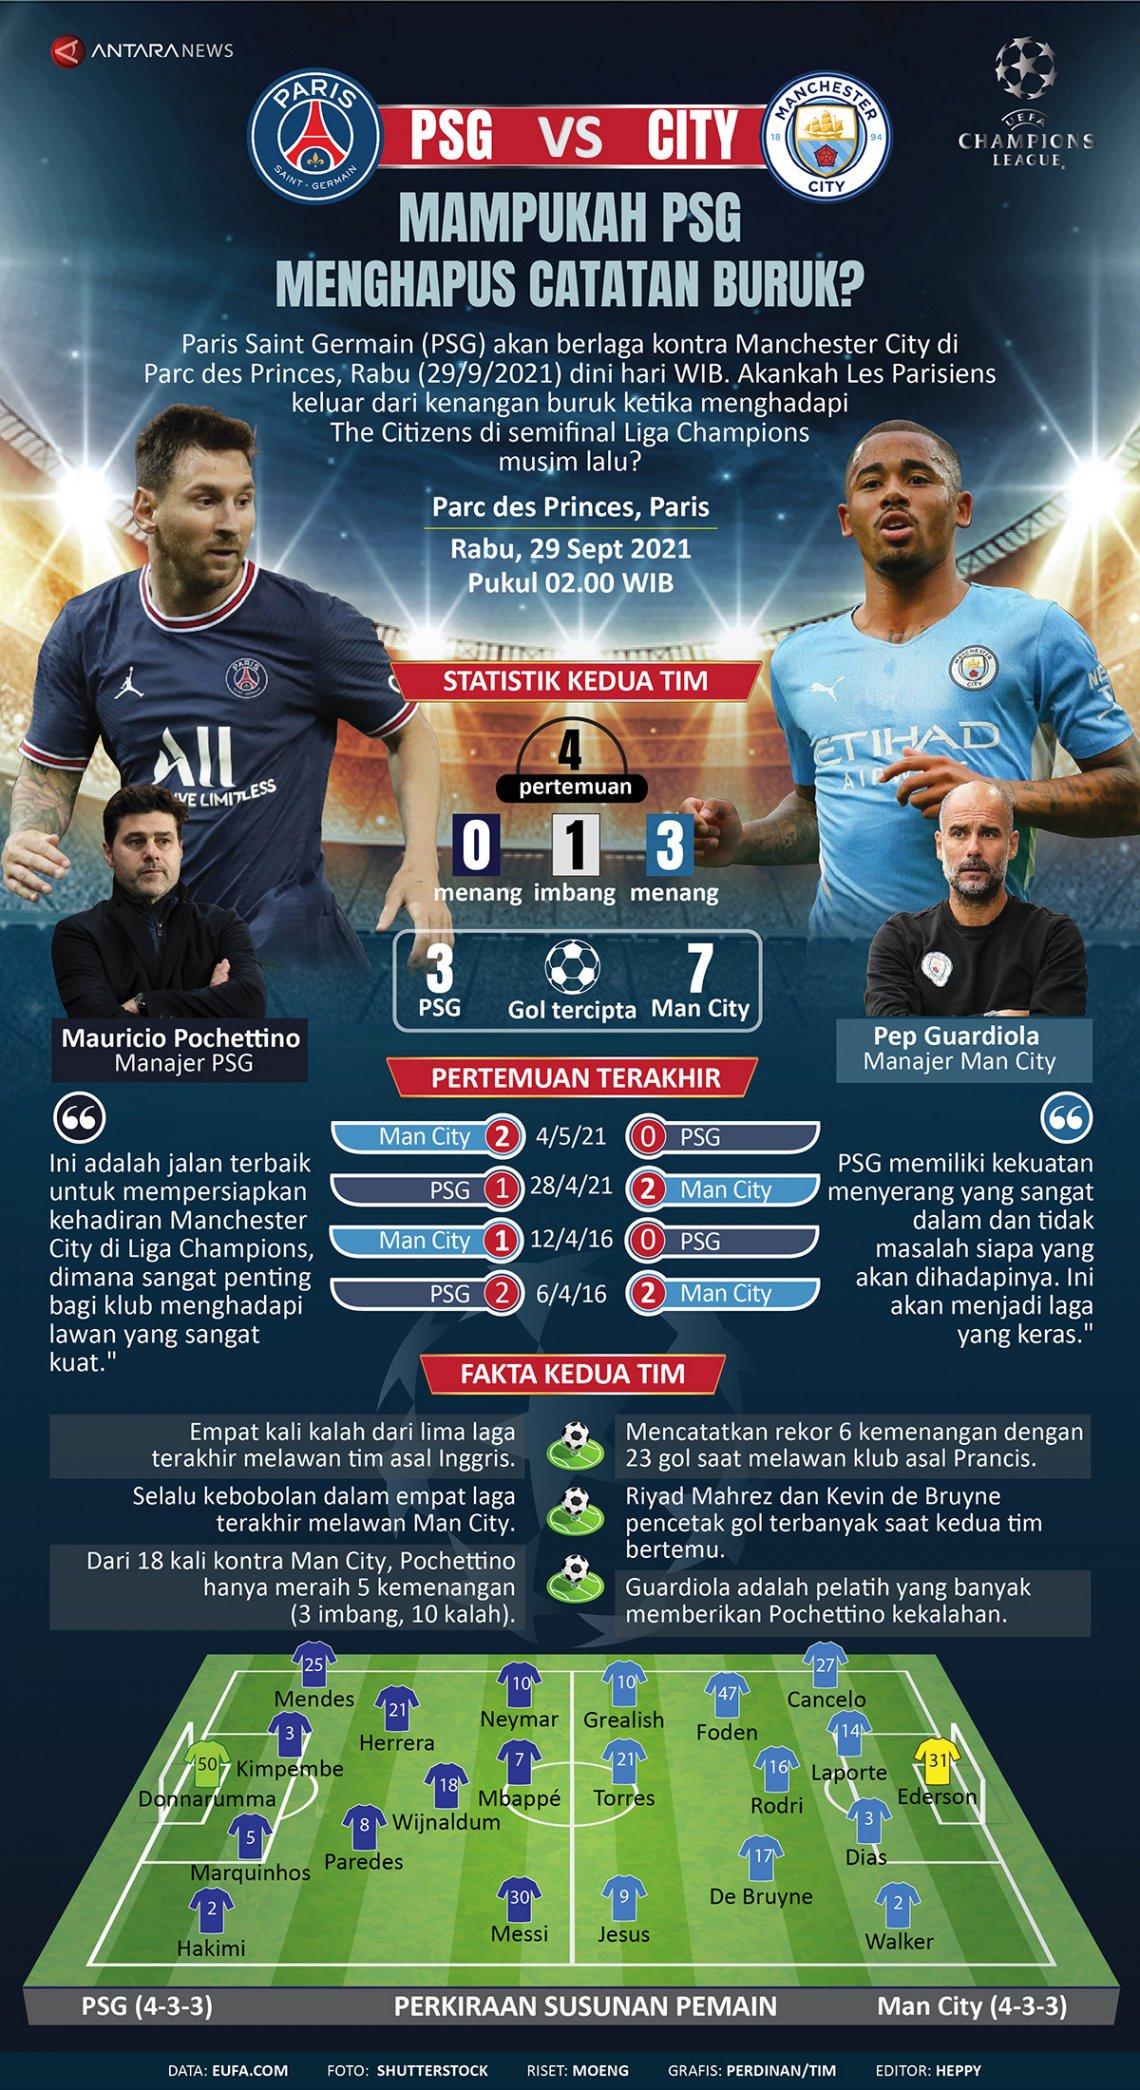 Mampukah PSG menghapus catatan buruk kontra Manchester City?